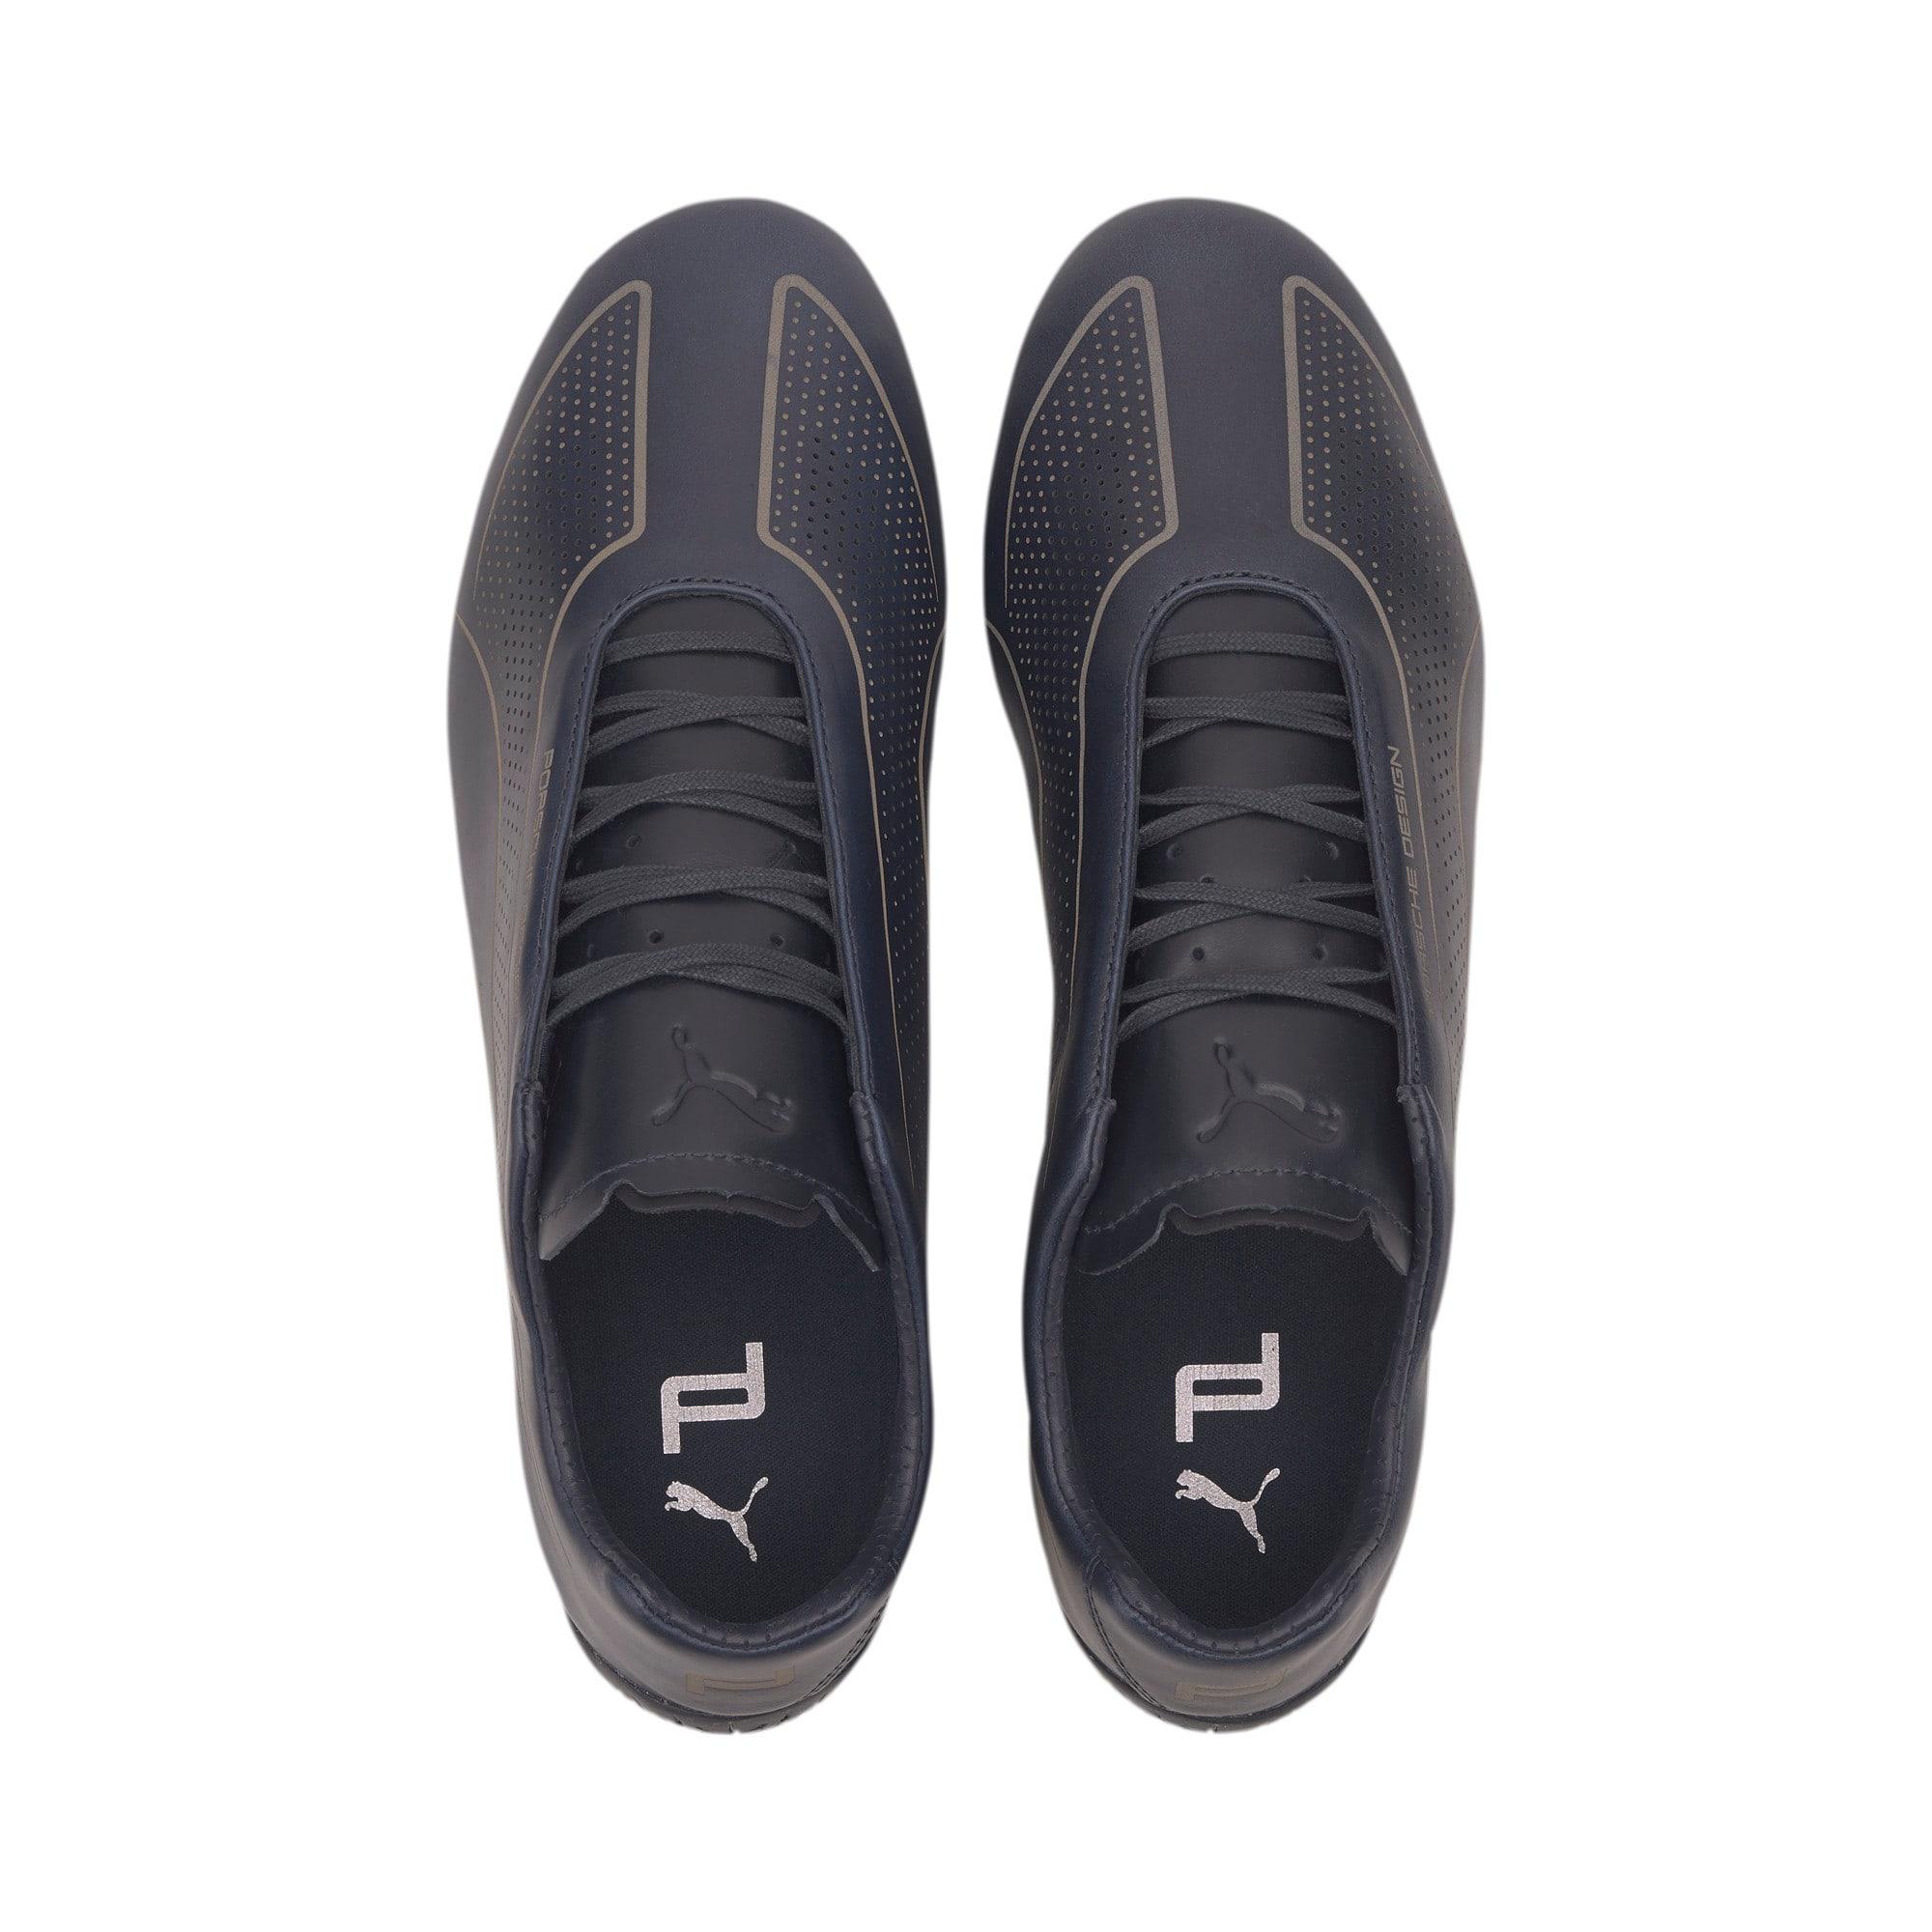 Thumbnail 6 of Porsche Design Speedcat Lux Men's Shoes, Navy Blazer-Navy Blazer, medium